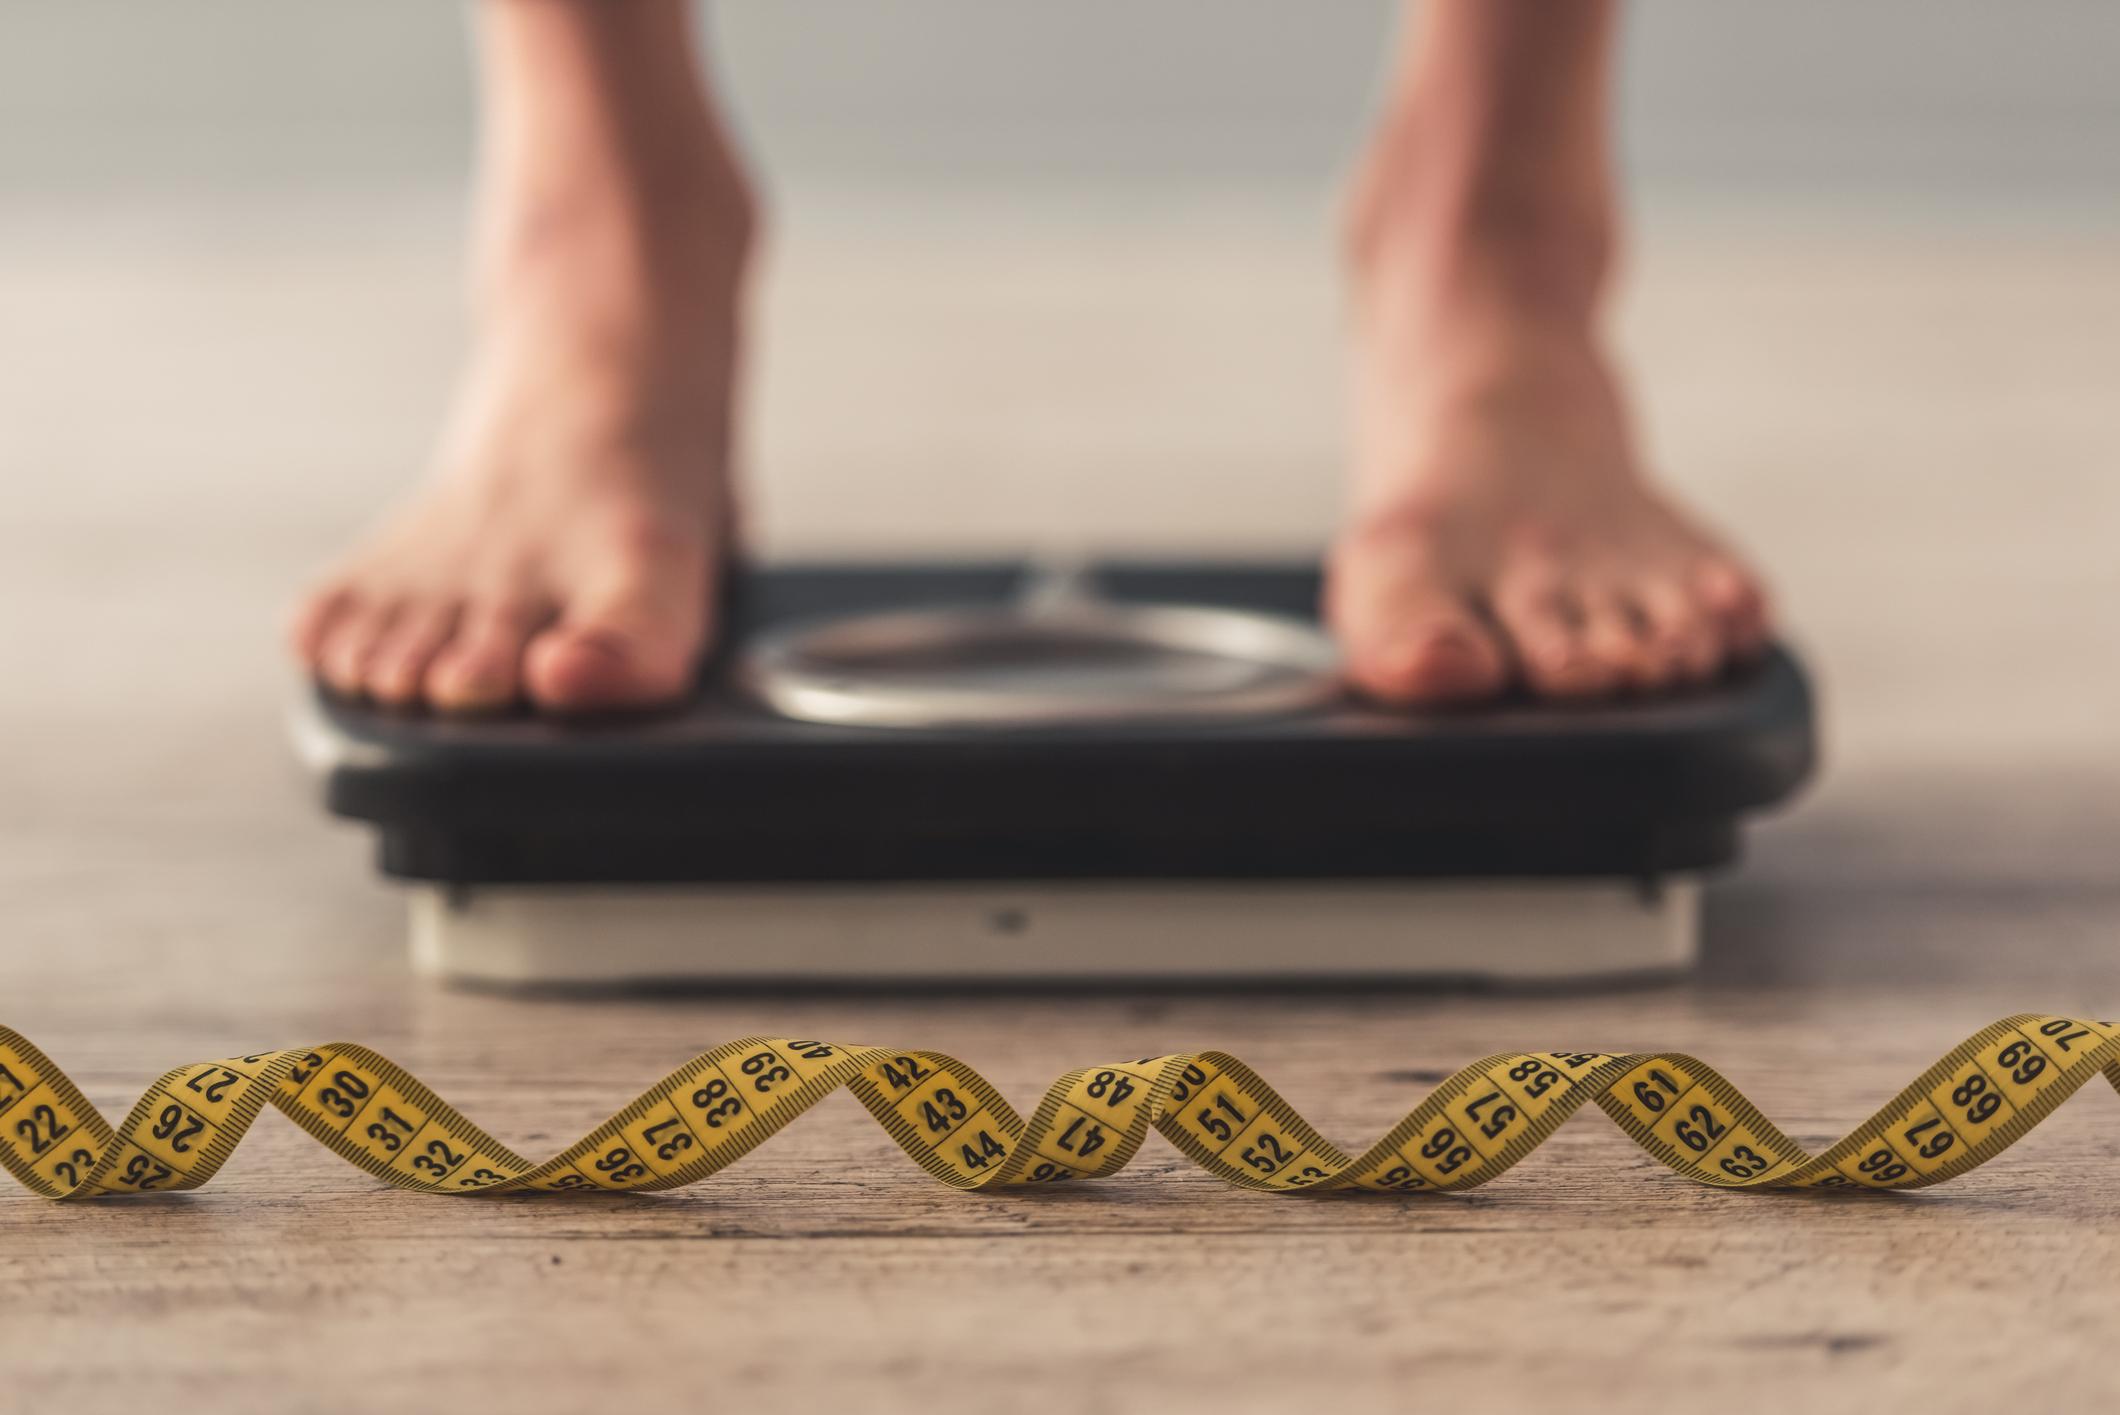 الحميات المختلفة وخسارة الوزن